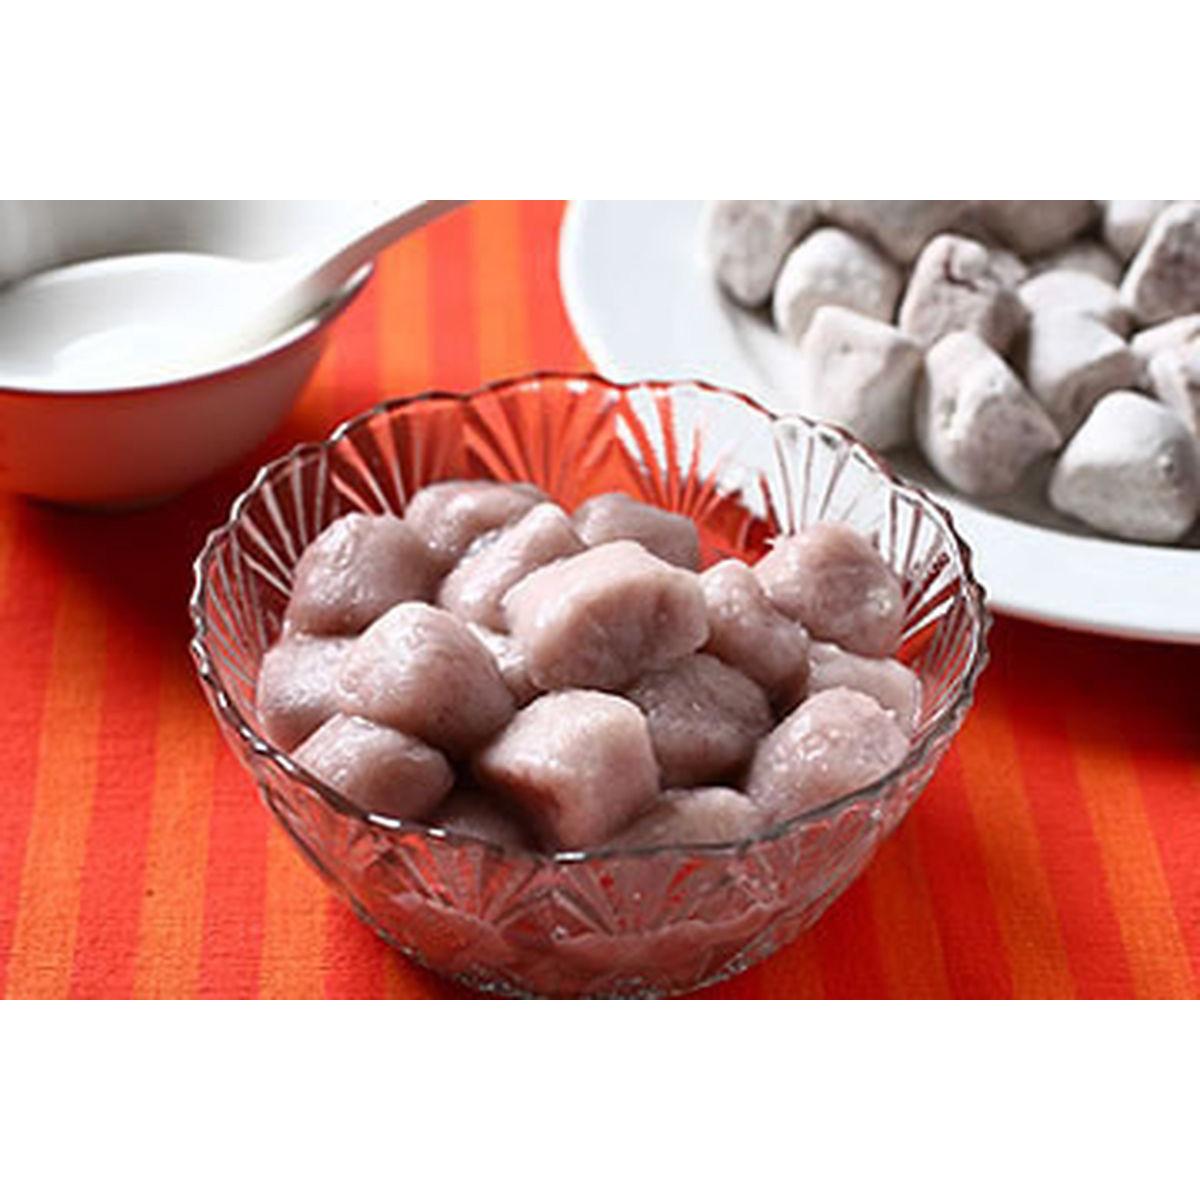 食譜:自己在家做芋圓